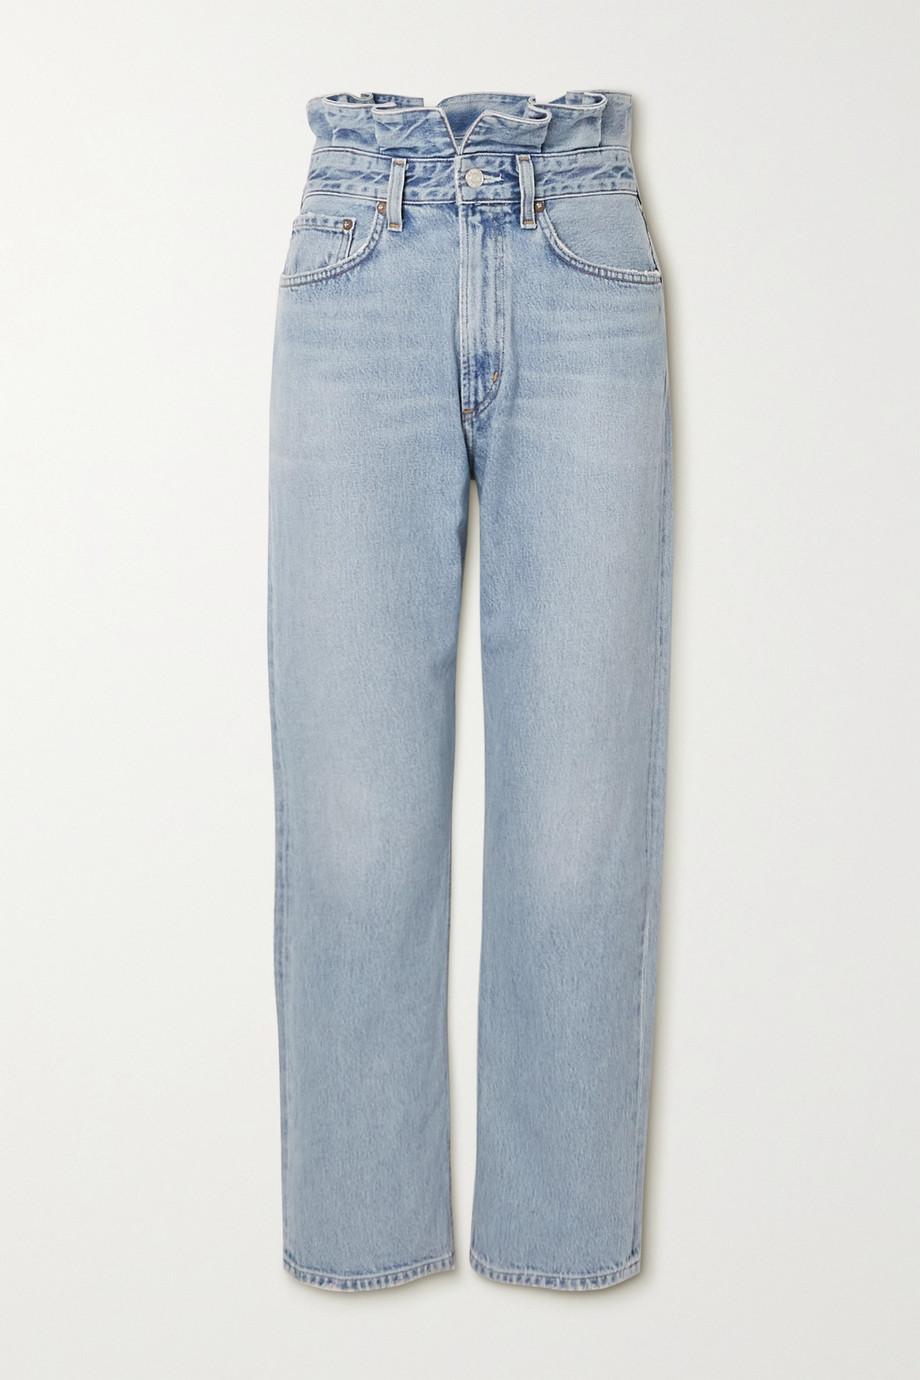 AGOLDE + NET SUSTAIN hoch sitzende Jeans mit geradem Bein aus Bio-Denim